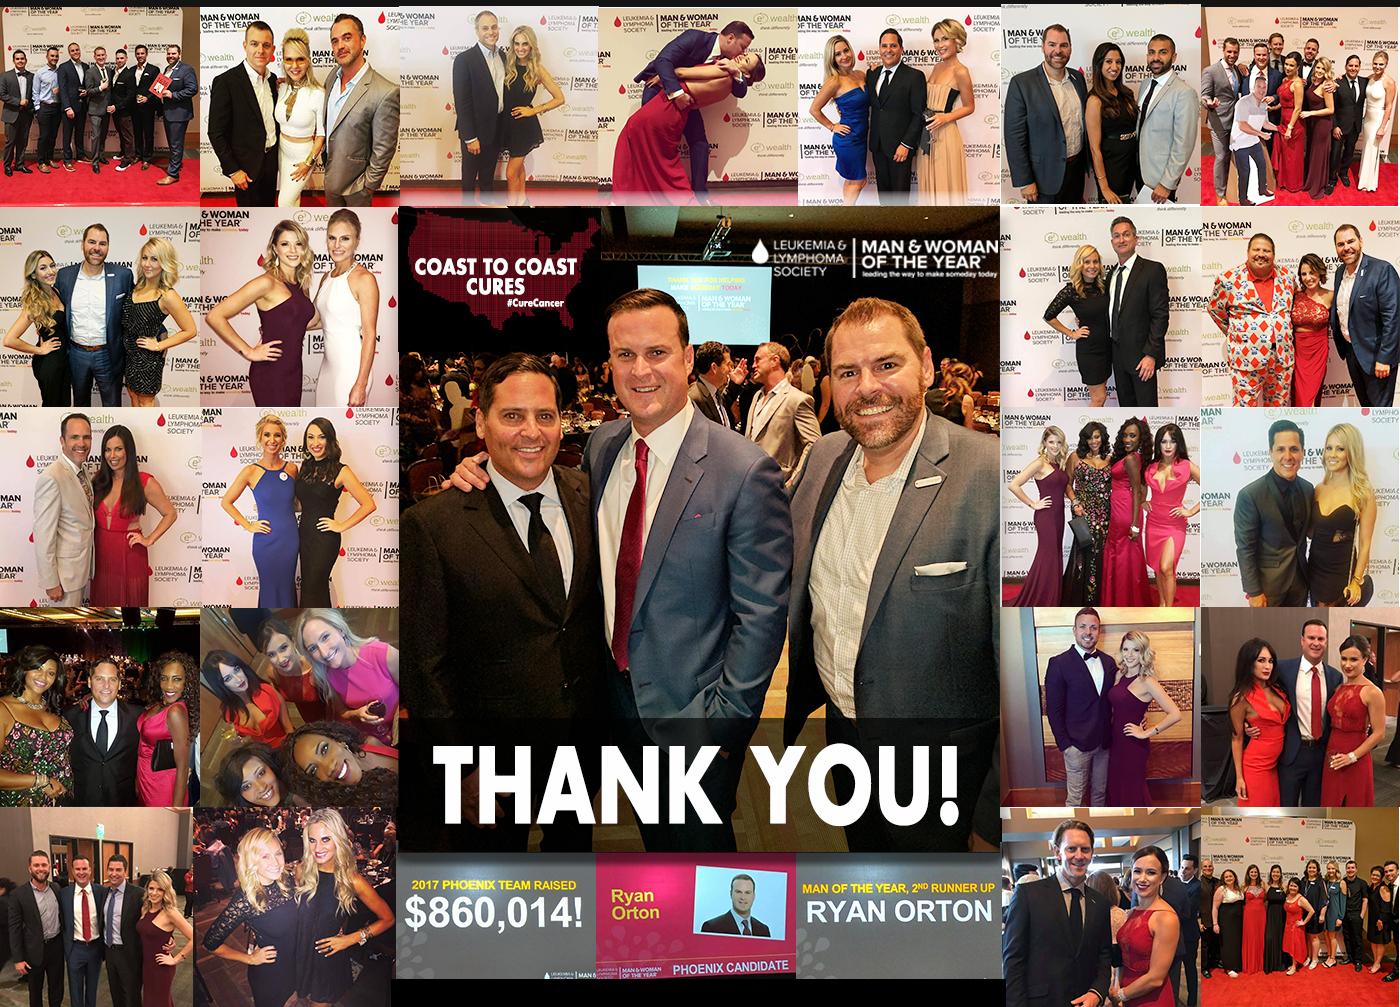 2017 Arizona Man of the Year for the Leukemia & Lymphoma Society